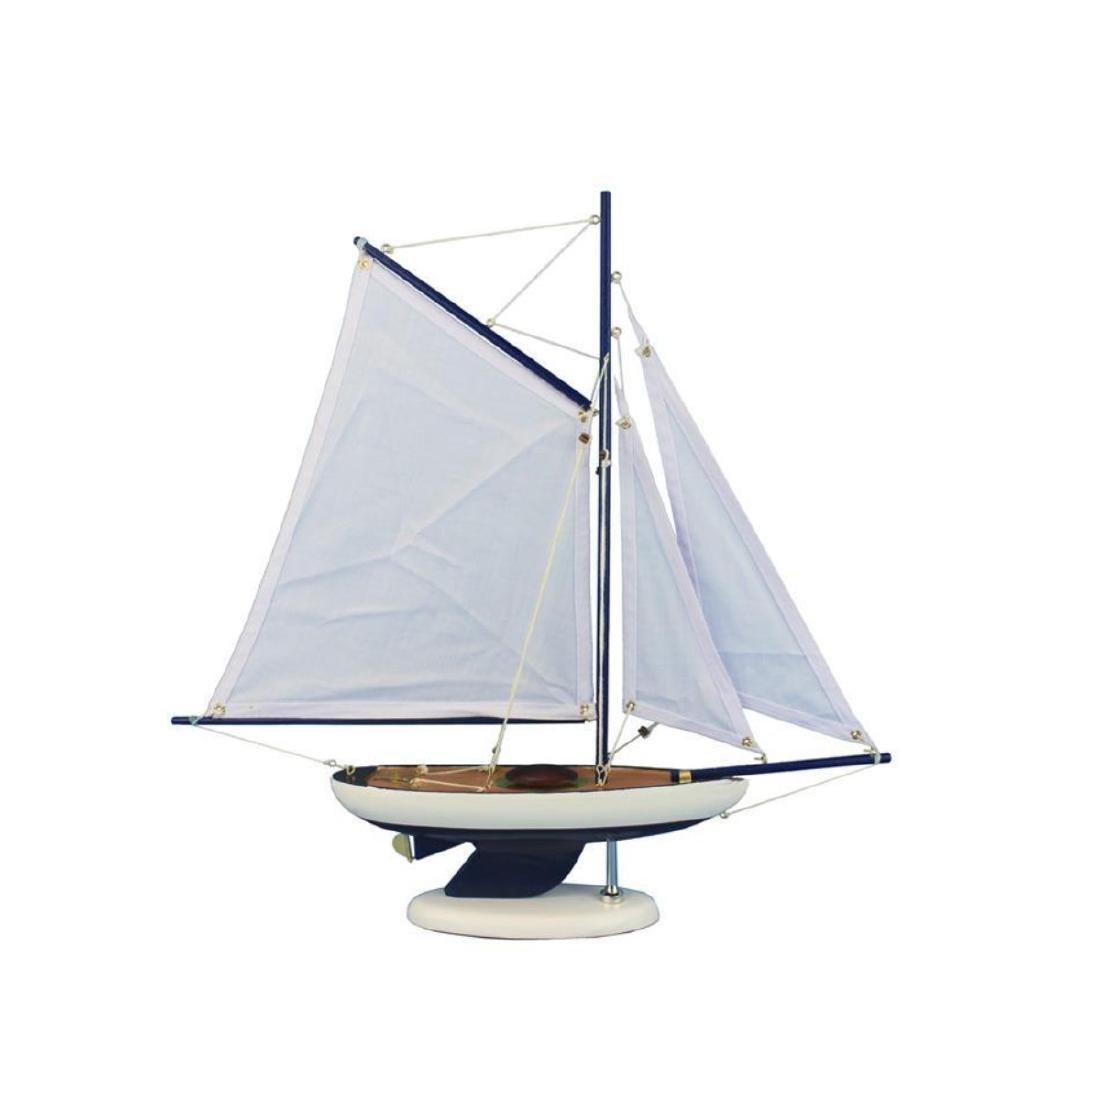 Wooden Bermuda Sloop Dark Blue - White Sails Model - 3